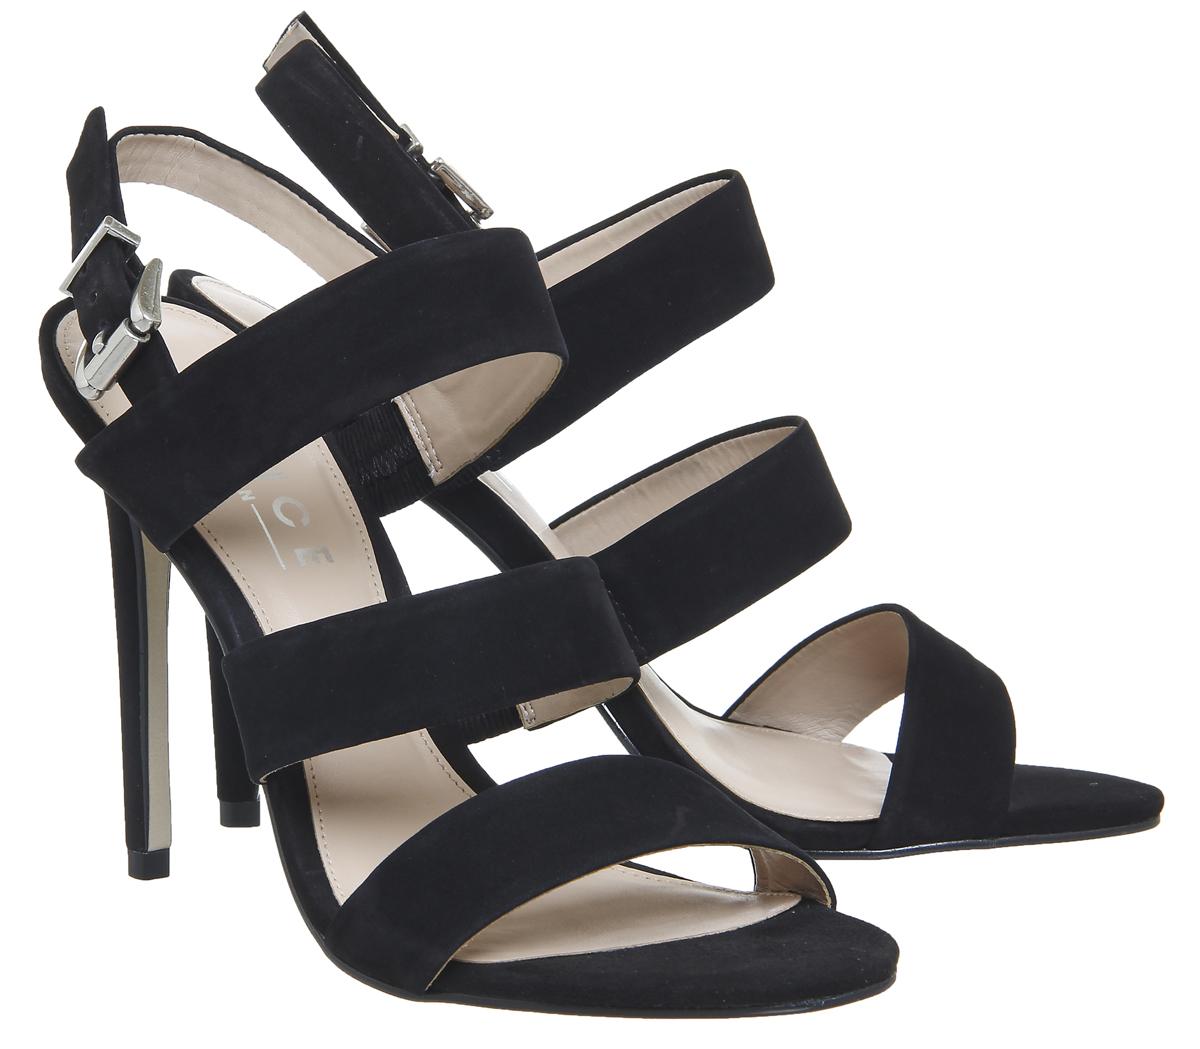 Mujer Zapatos De Tacón Correa de de Correa múltiples Oficina La Habana Negro Nubuck Tacones 11e627